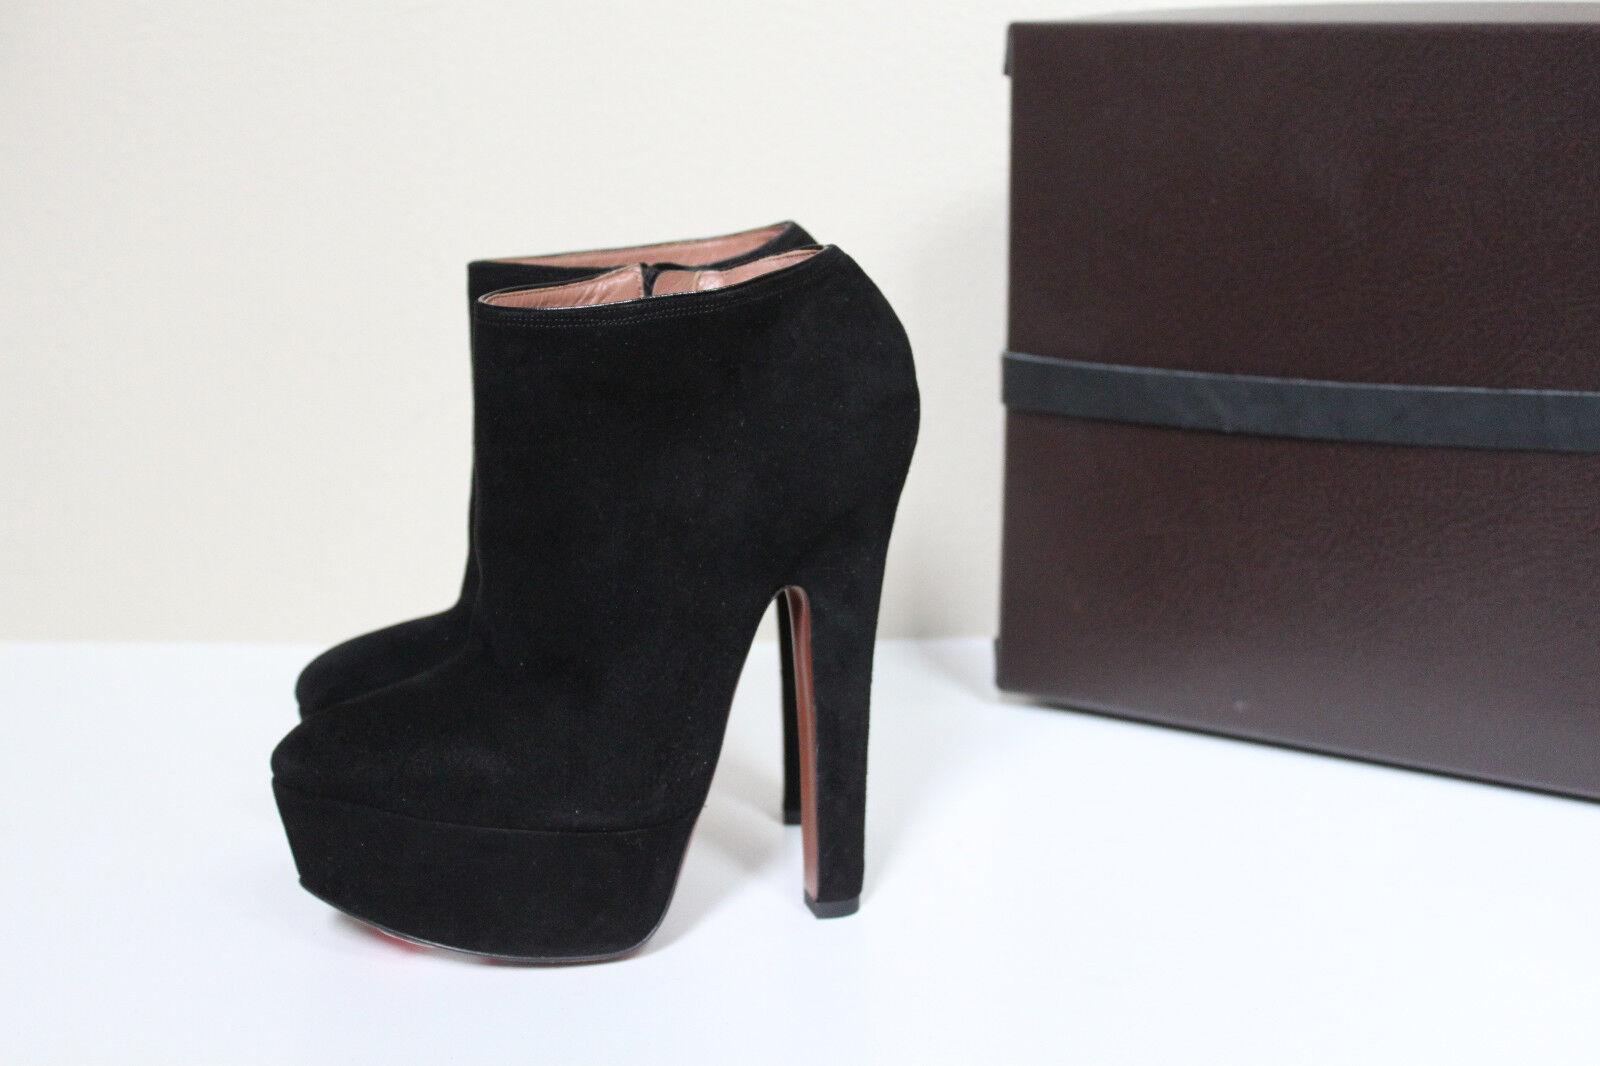 Nuevas Nuevas Nuevas Talla 9.5 39.5 de la Plataforma De Gamuza Negra Azzedine Alaia Botín al Tobillo Zapatos De Tacón  aquí tiene la última